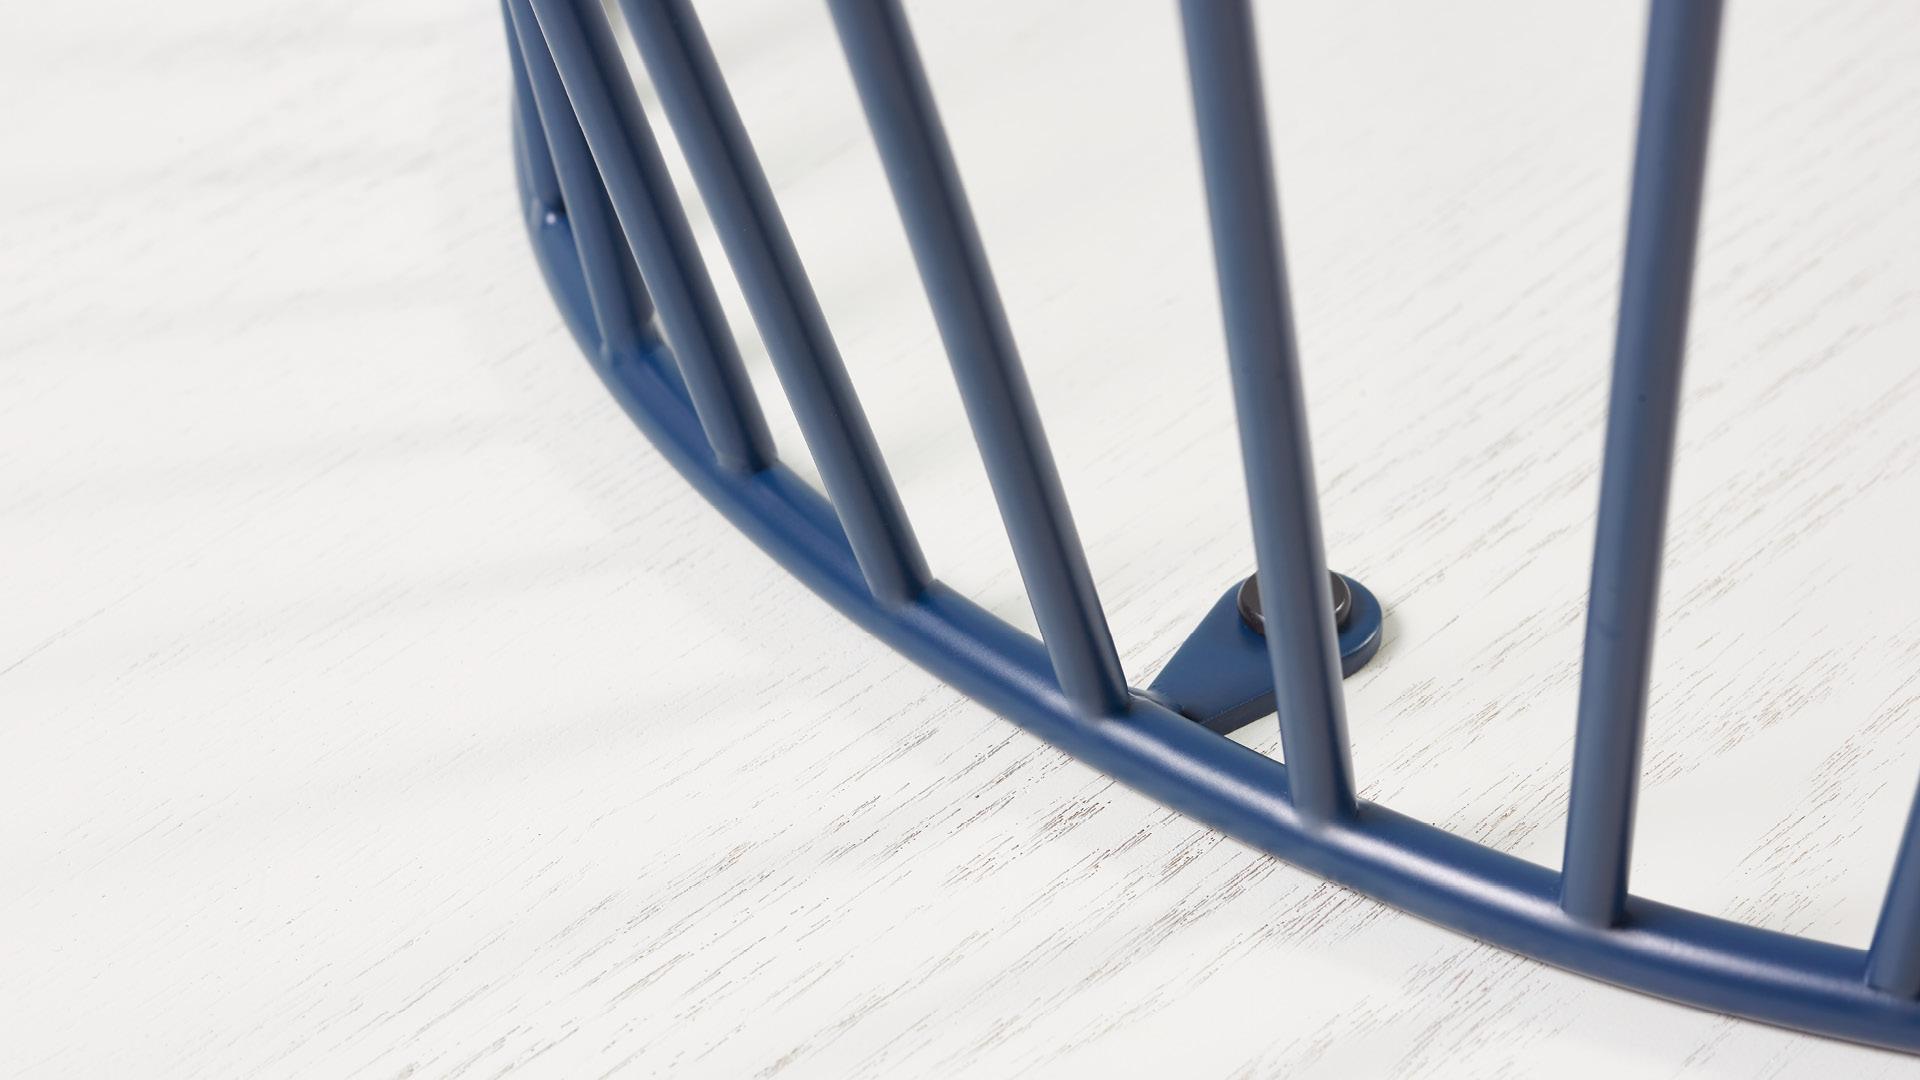 毫米级焊接精度<br/>每个焊点直径小于6mm